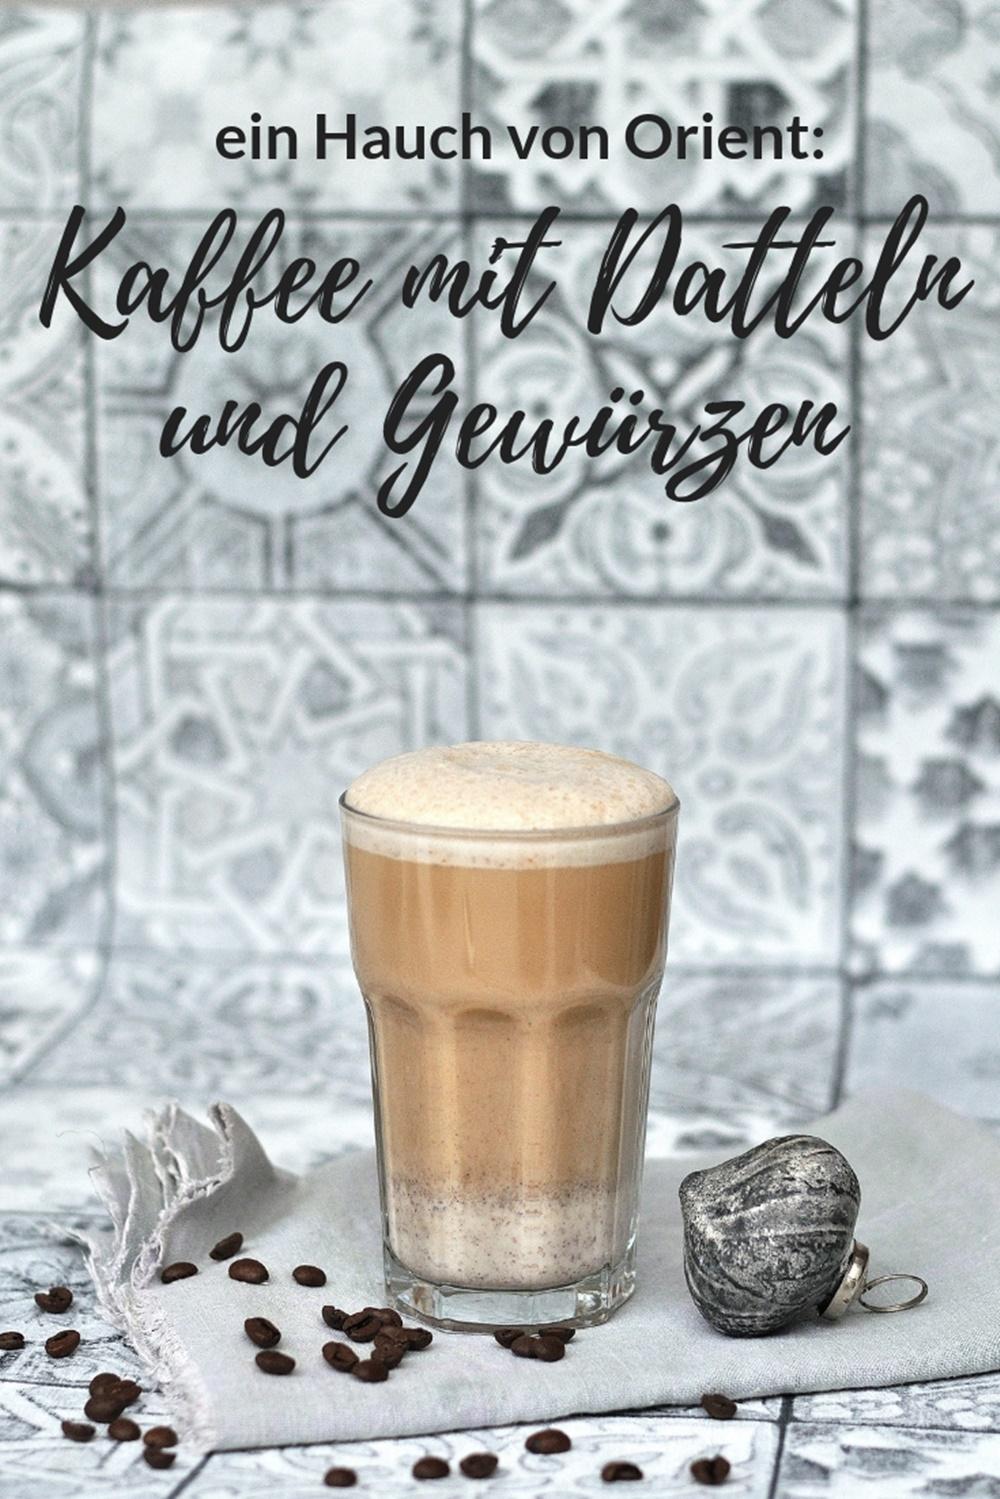 orientalischer Kaffee mit gewurzen